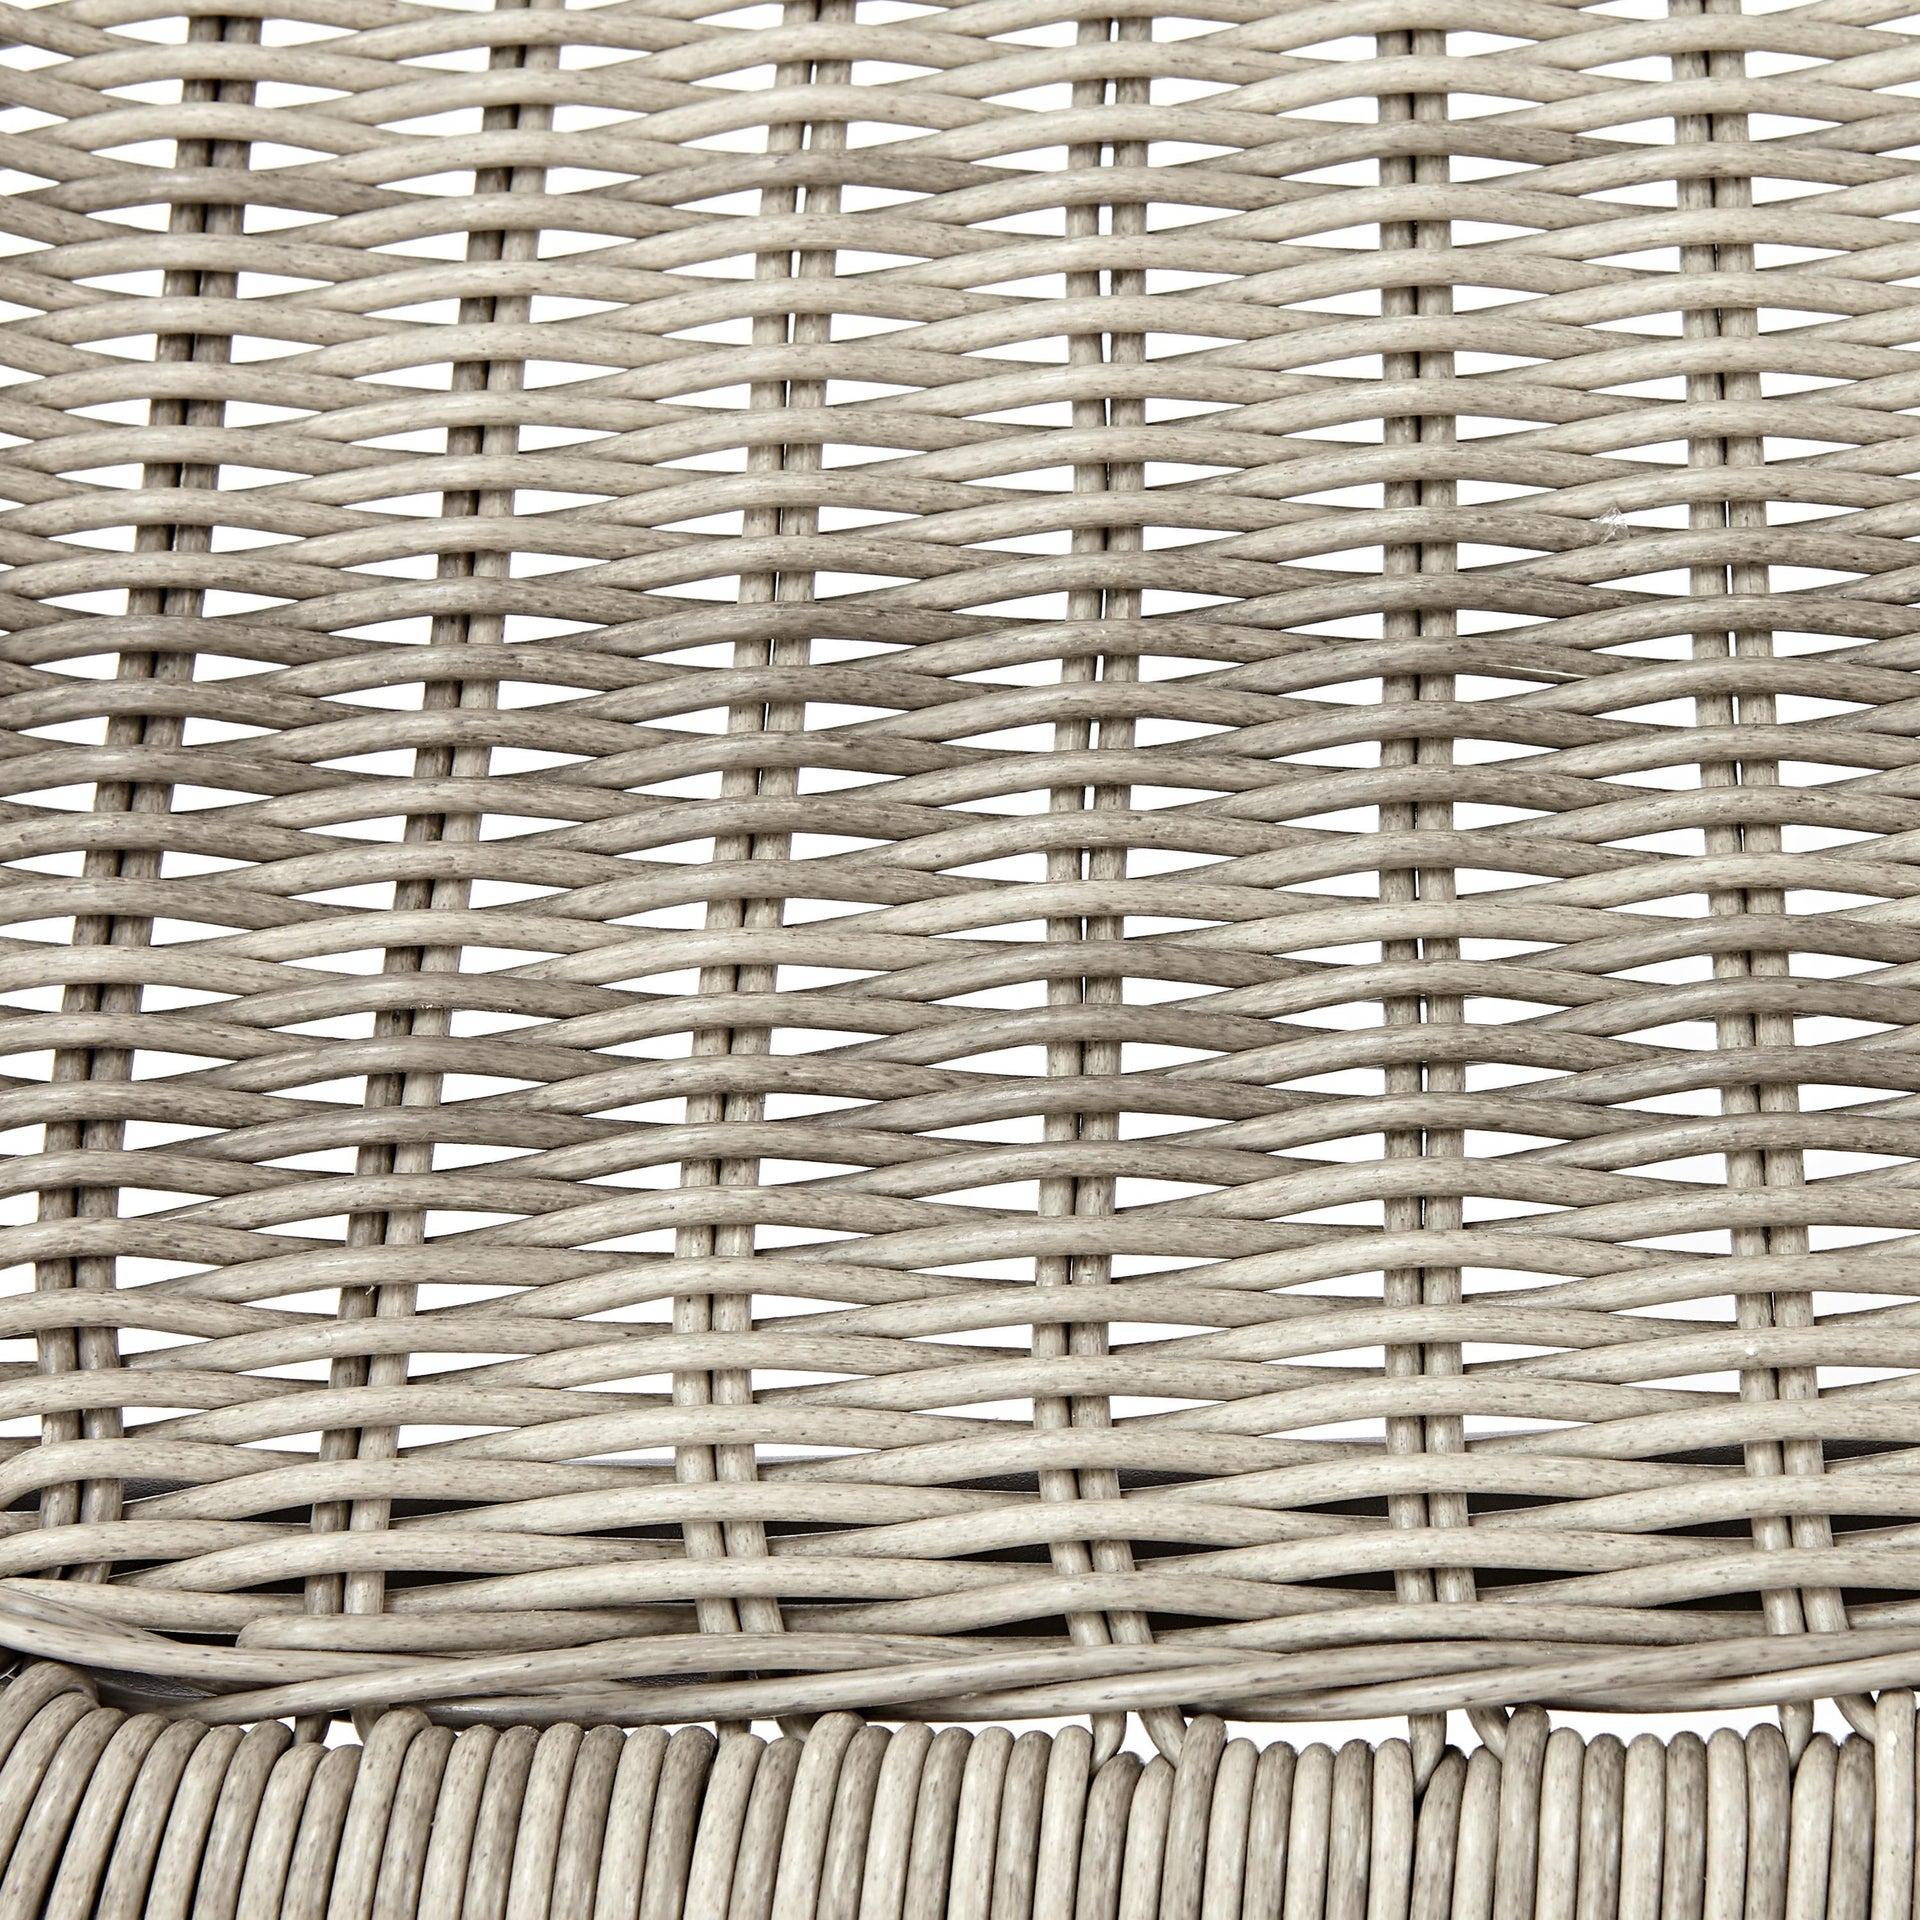 Sedia con braccioli senza cuscino in acciaio Elia colore beige - 9